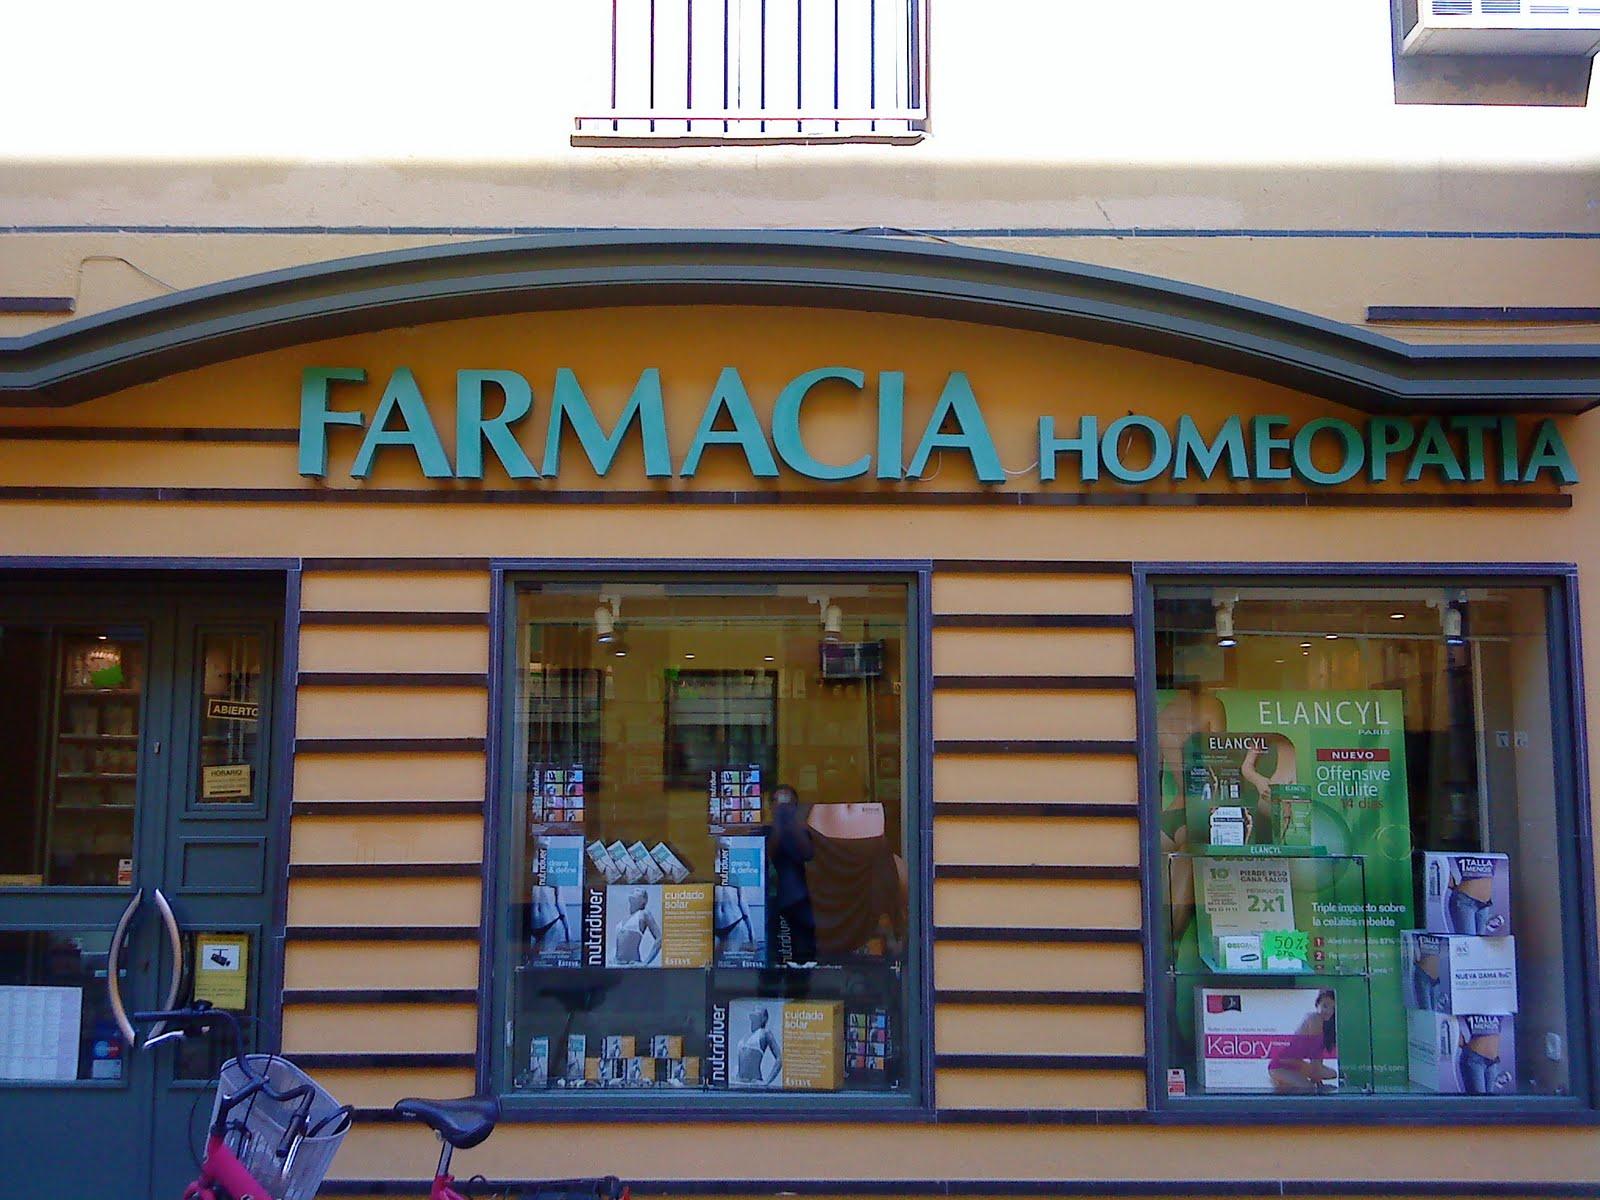 ¿Sabemos realmente qué eficacia tiene todo lo que se vende en una farmacia?